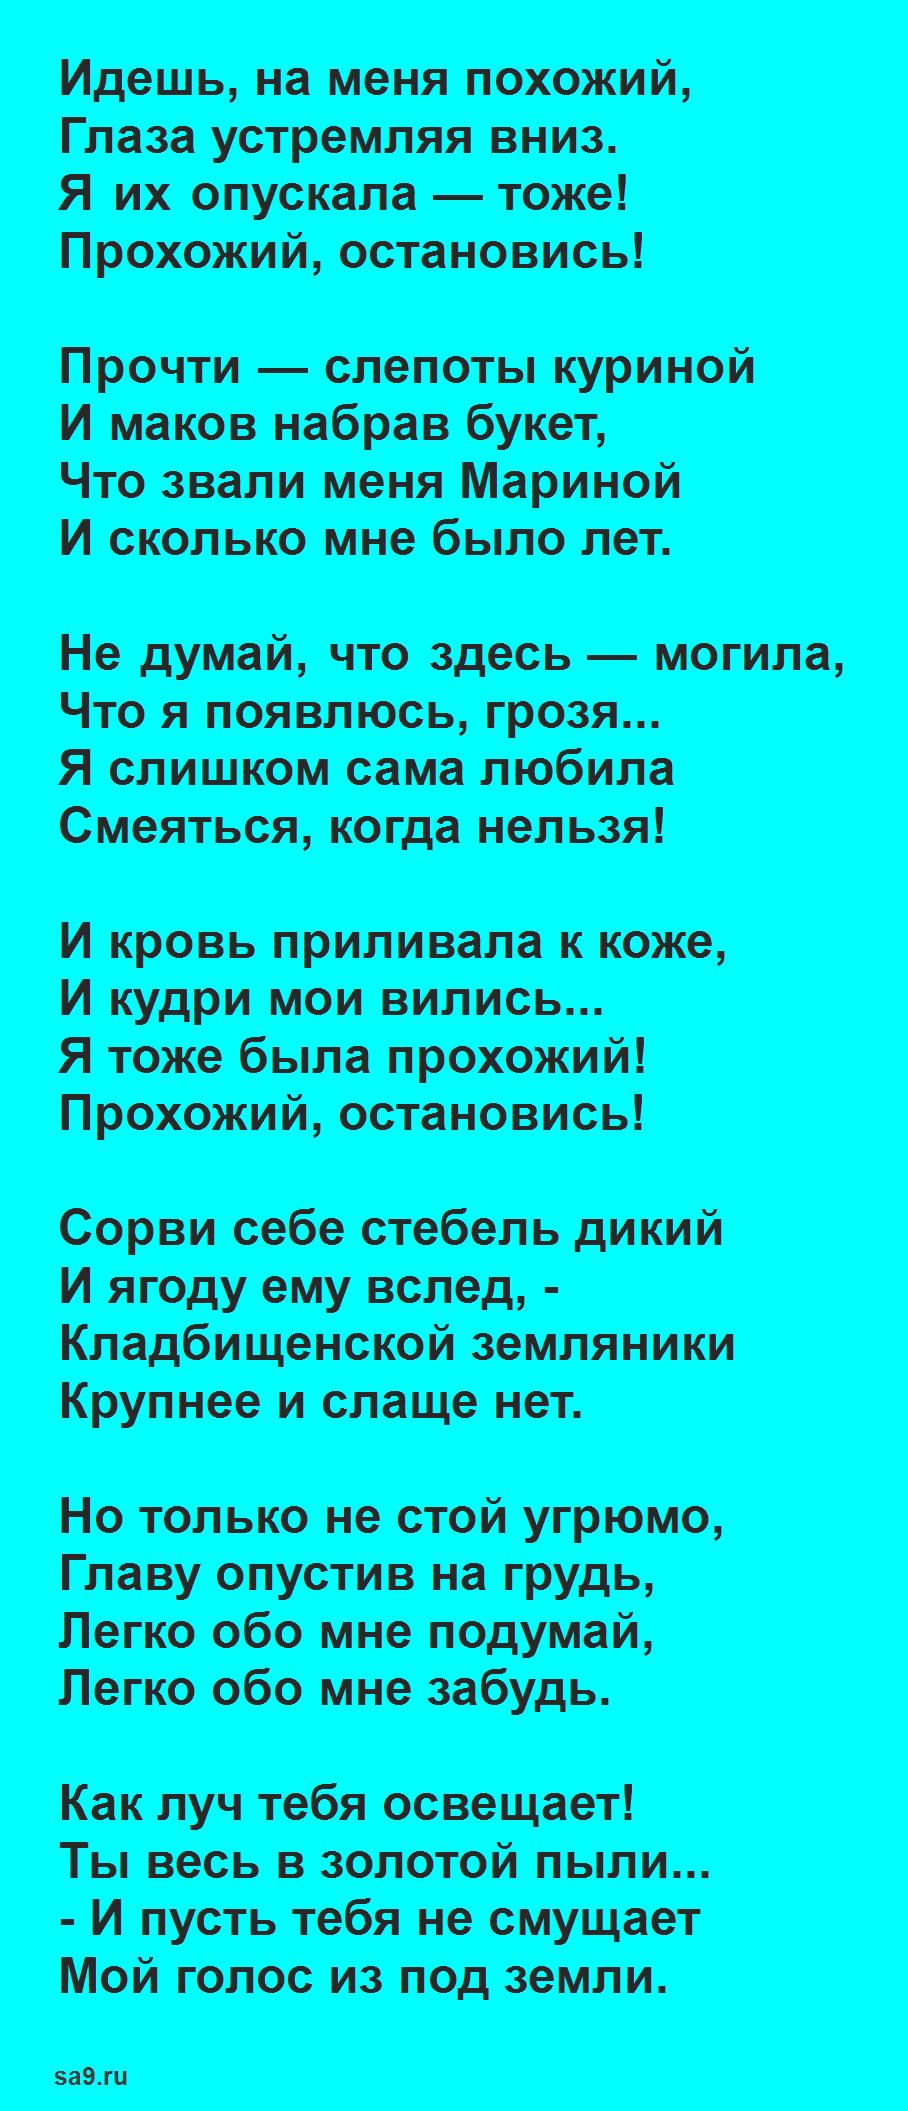 Цветаева стихи - Идешь на меня похожий